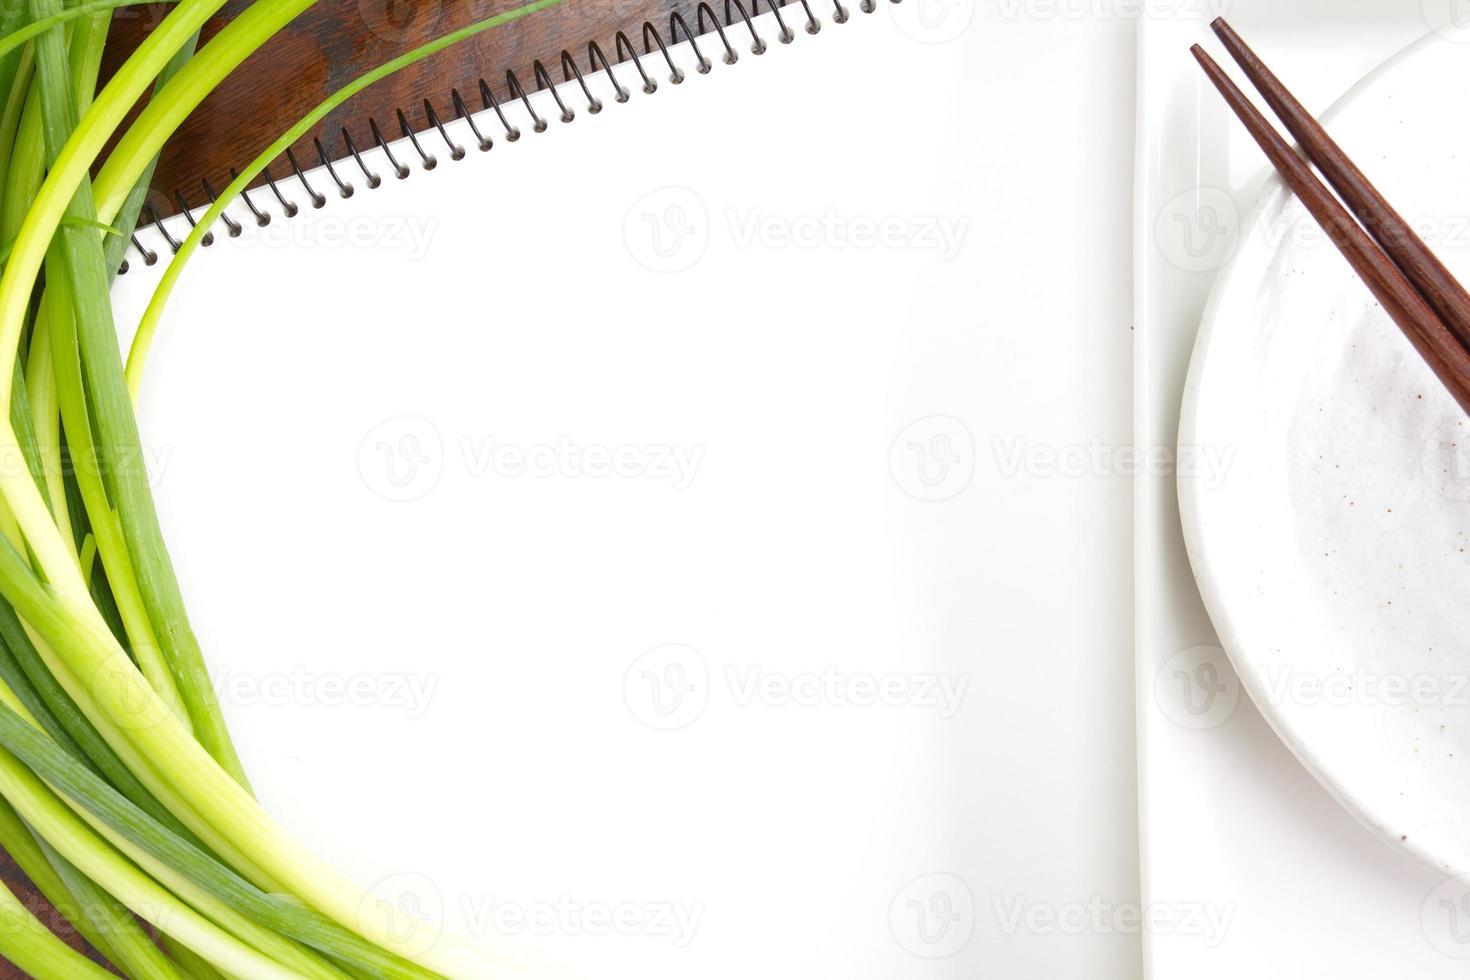 öppen vit anteckningsbok för recept foto